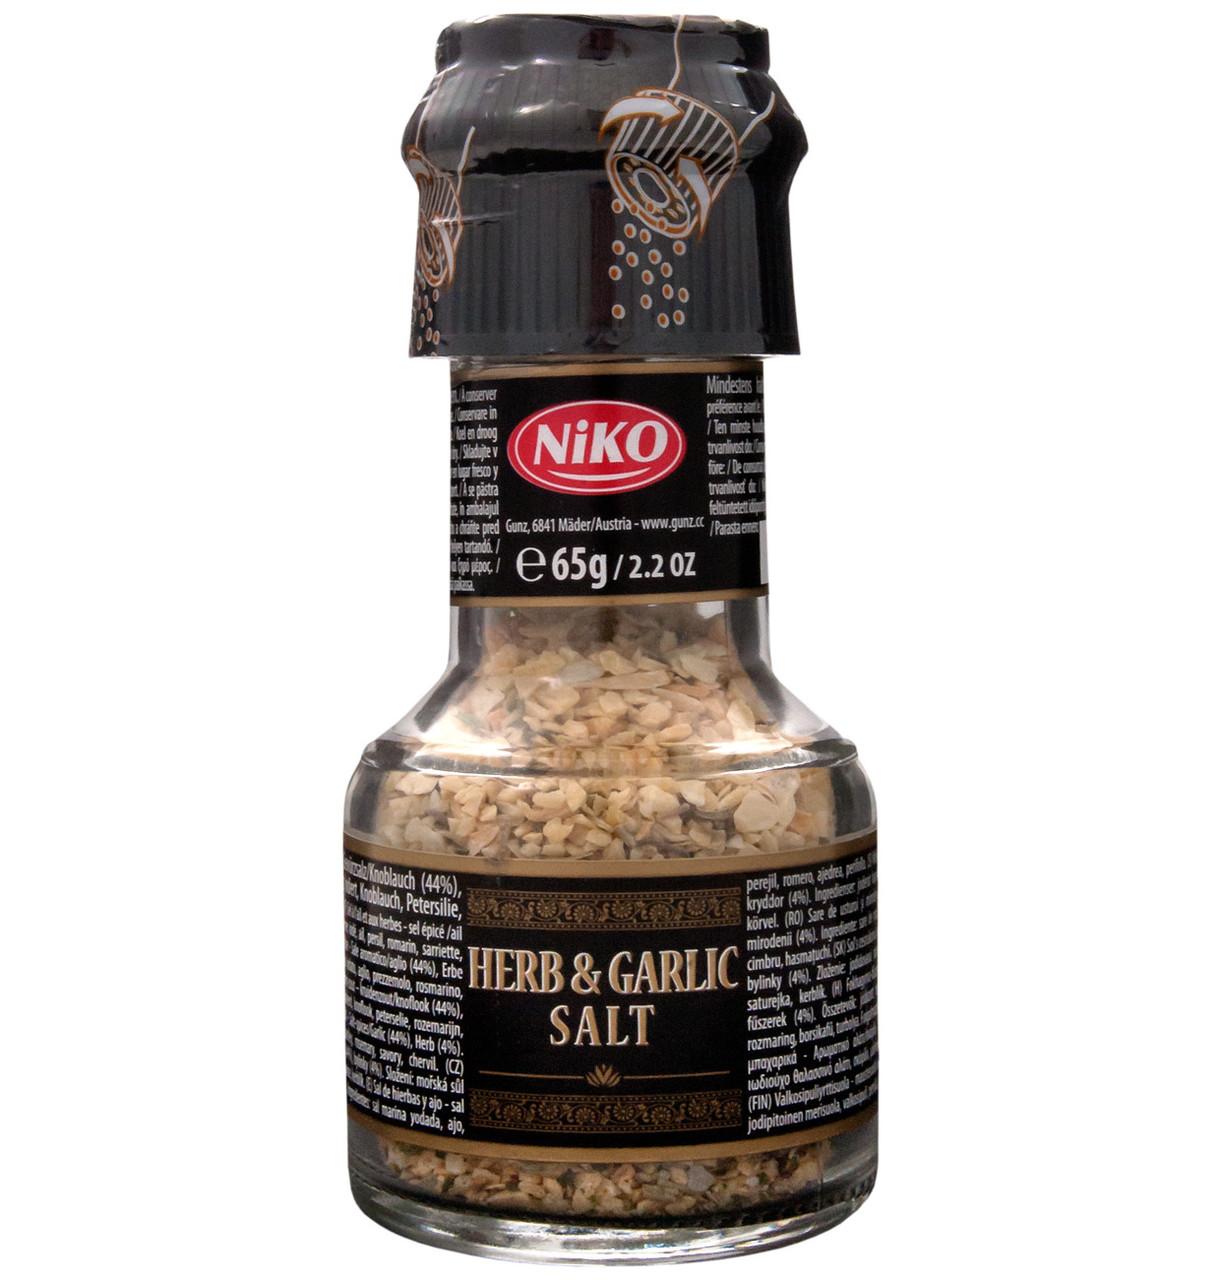 Спеції Herb & Garlic Salt Niko трави, часник і сіль з млином, 65 г